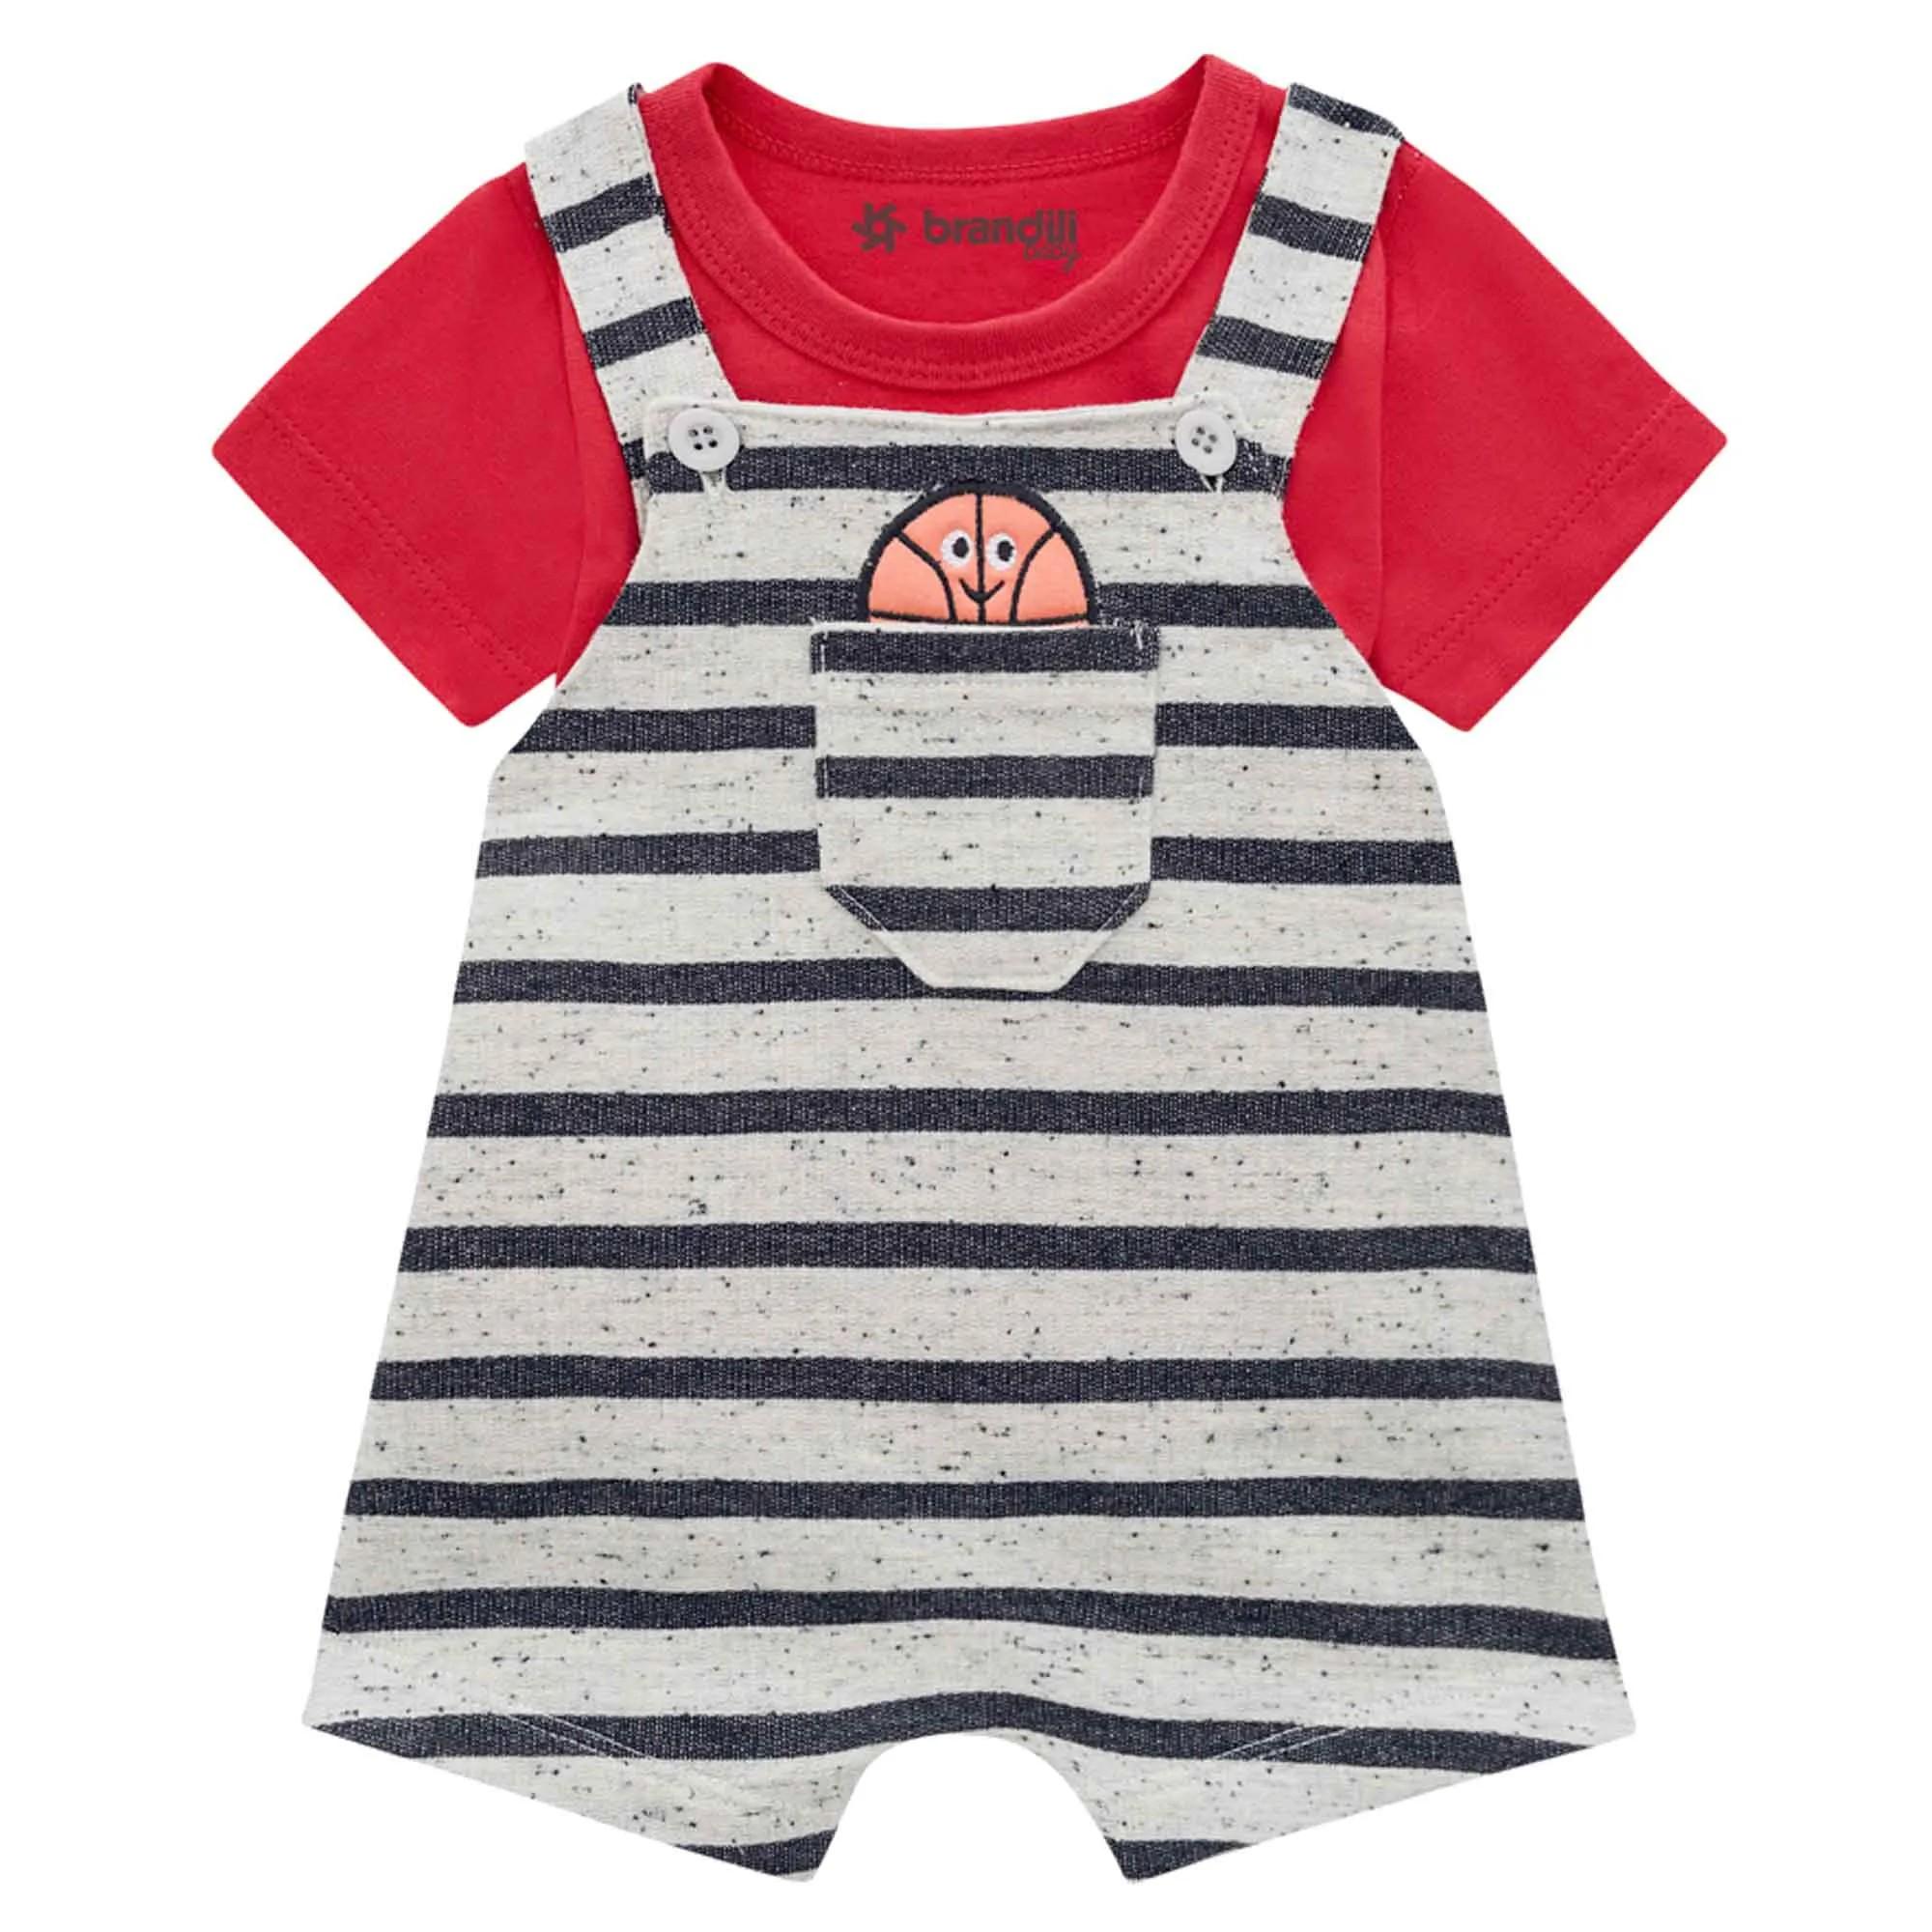 Conjunto Verão Brandili Baby Camiseta e Jardineira Listrada Bolso Bola - P ao G